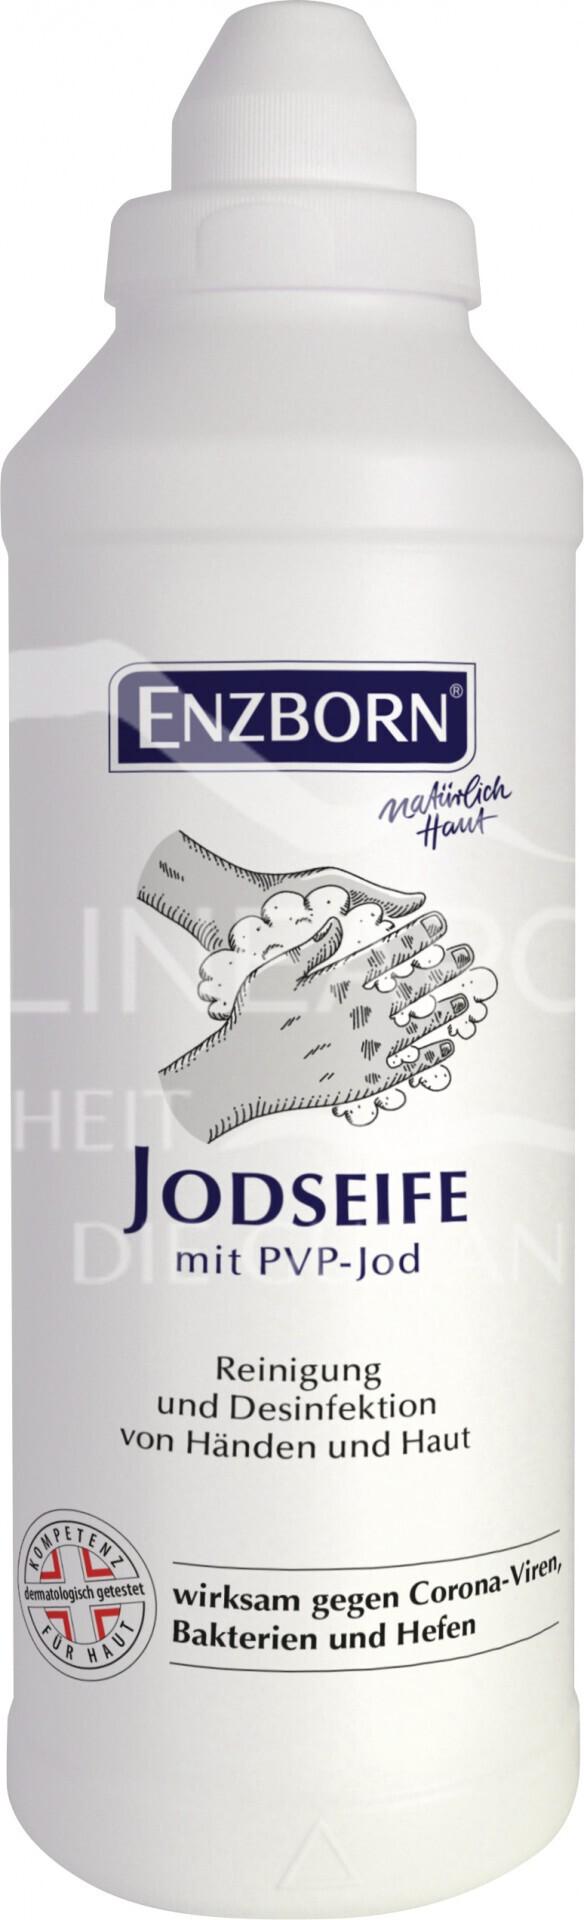 Enzborn Jodseife